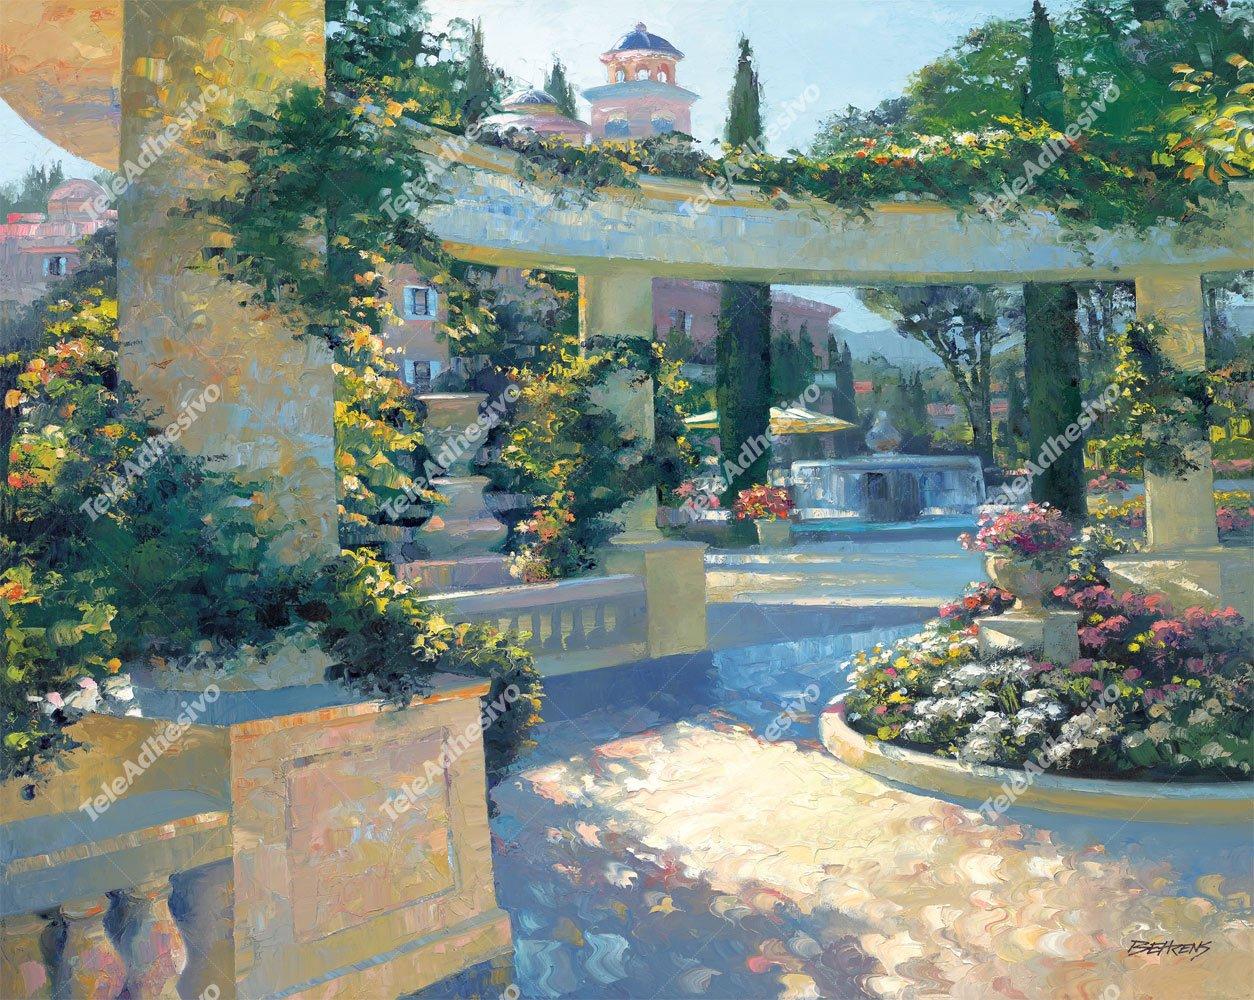 Fototapeten: Garten Bellagio